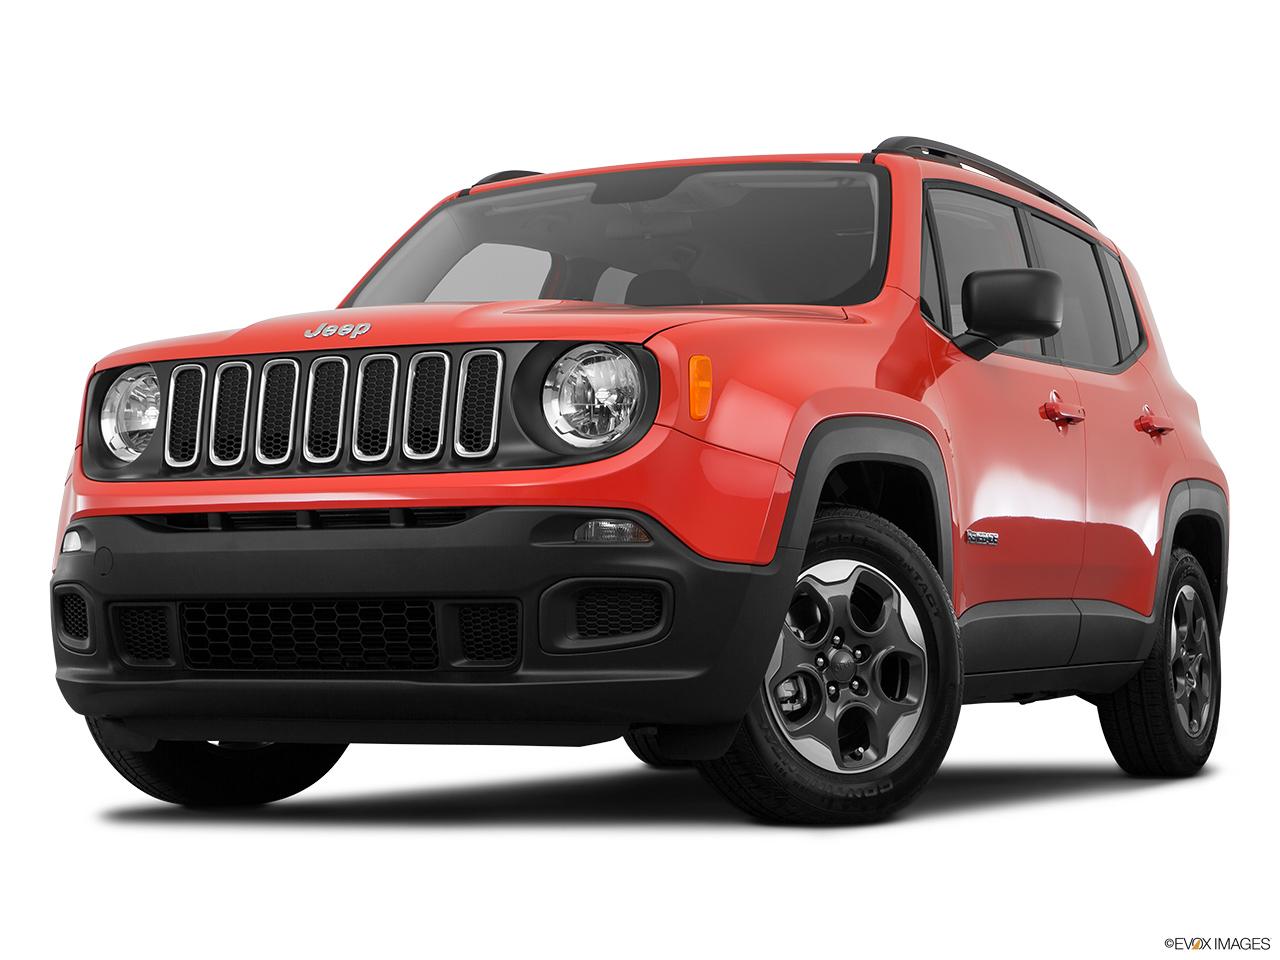 Ramadan Offer For Jeep Renegade 2017 2 4l Sport 4x2 Qatar